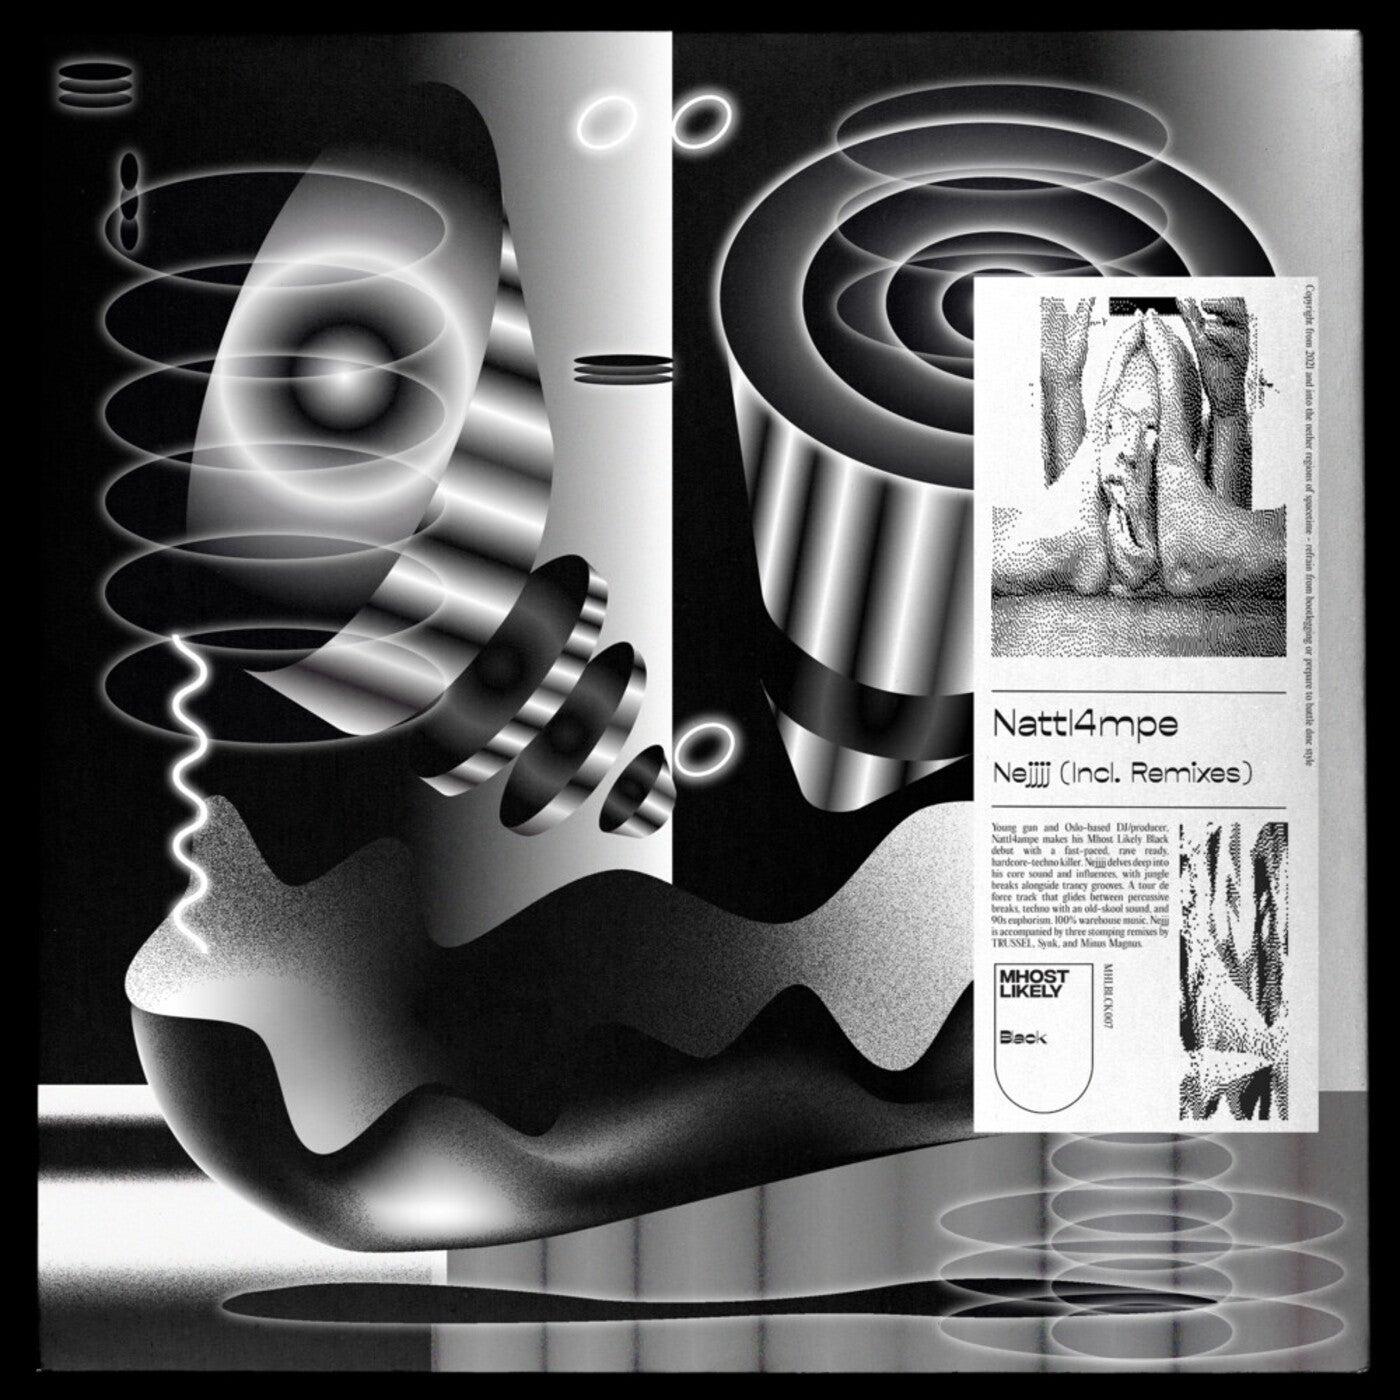 Download Nejjjj (Incl. Remixes) on Electrobuzz